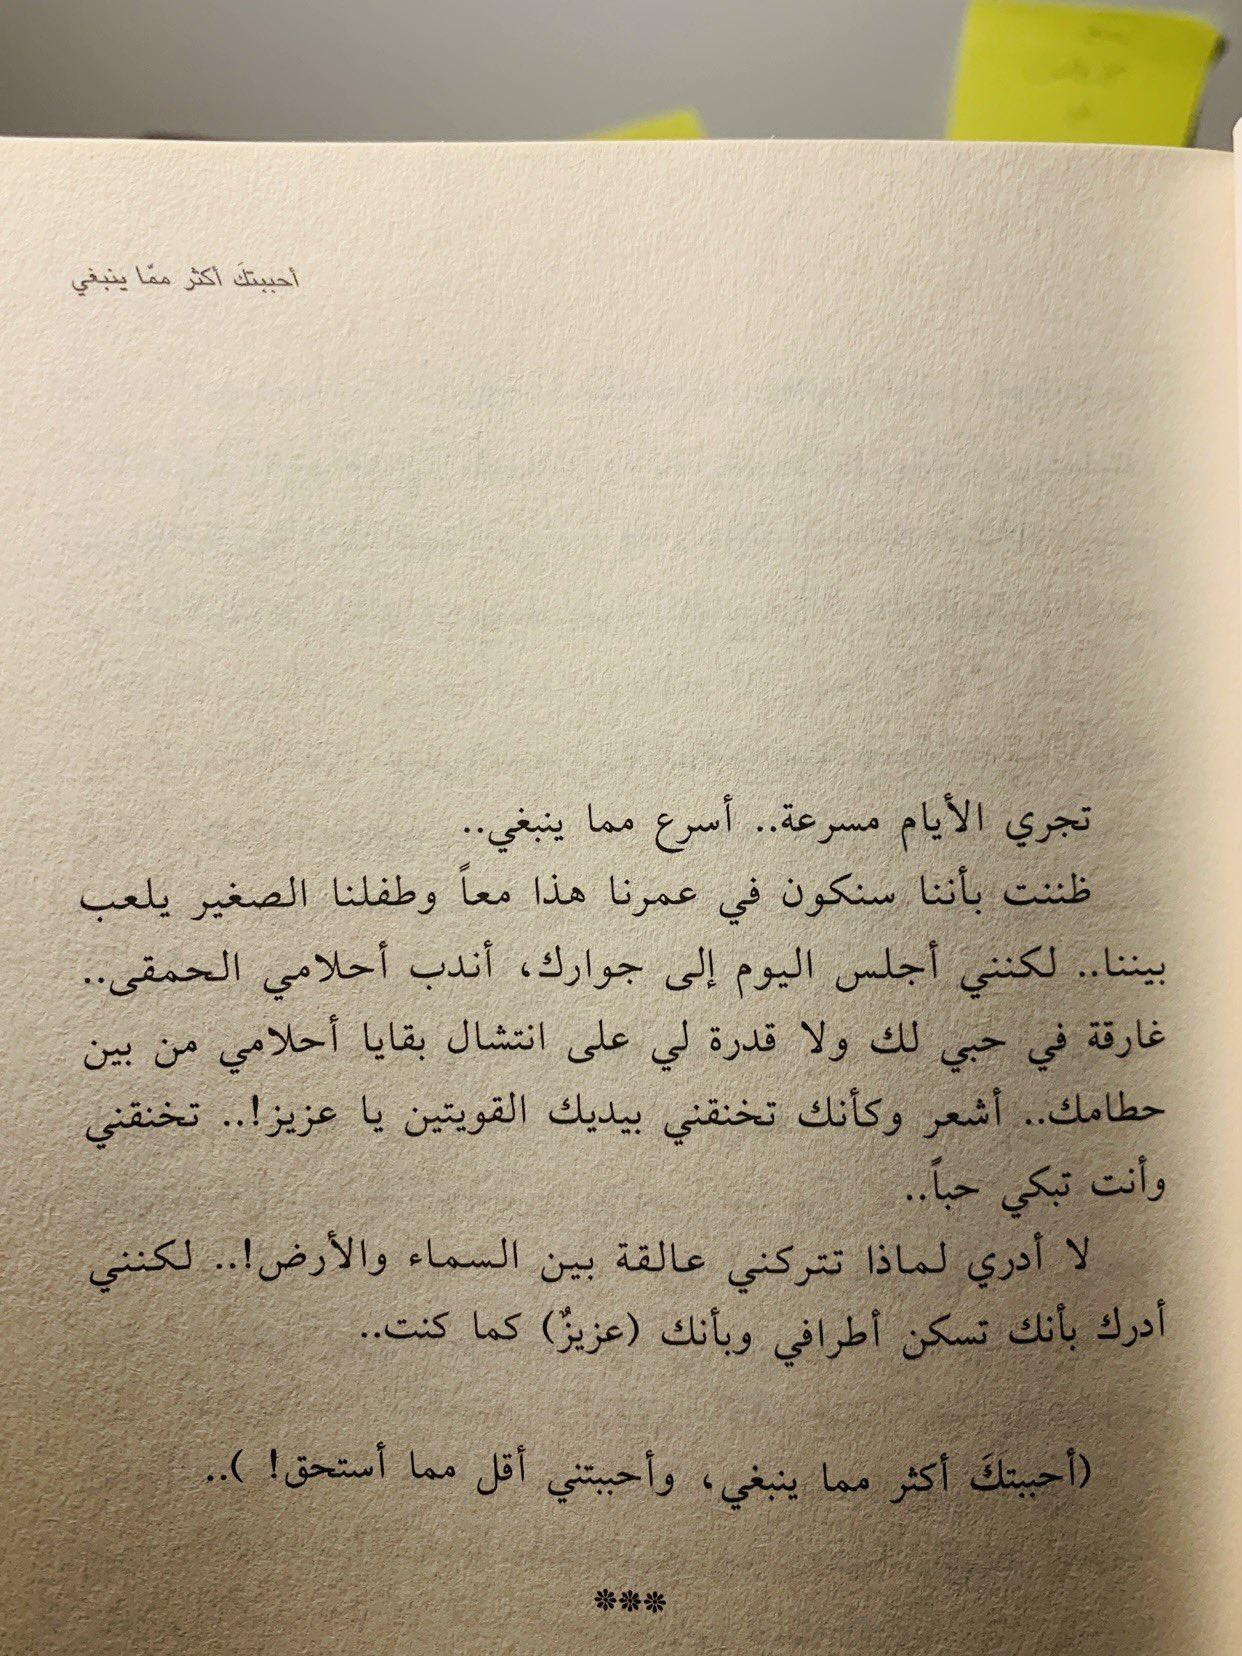 علي السليمي No Twitter ٨ أحببتك أكثر مما